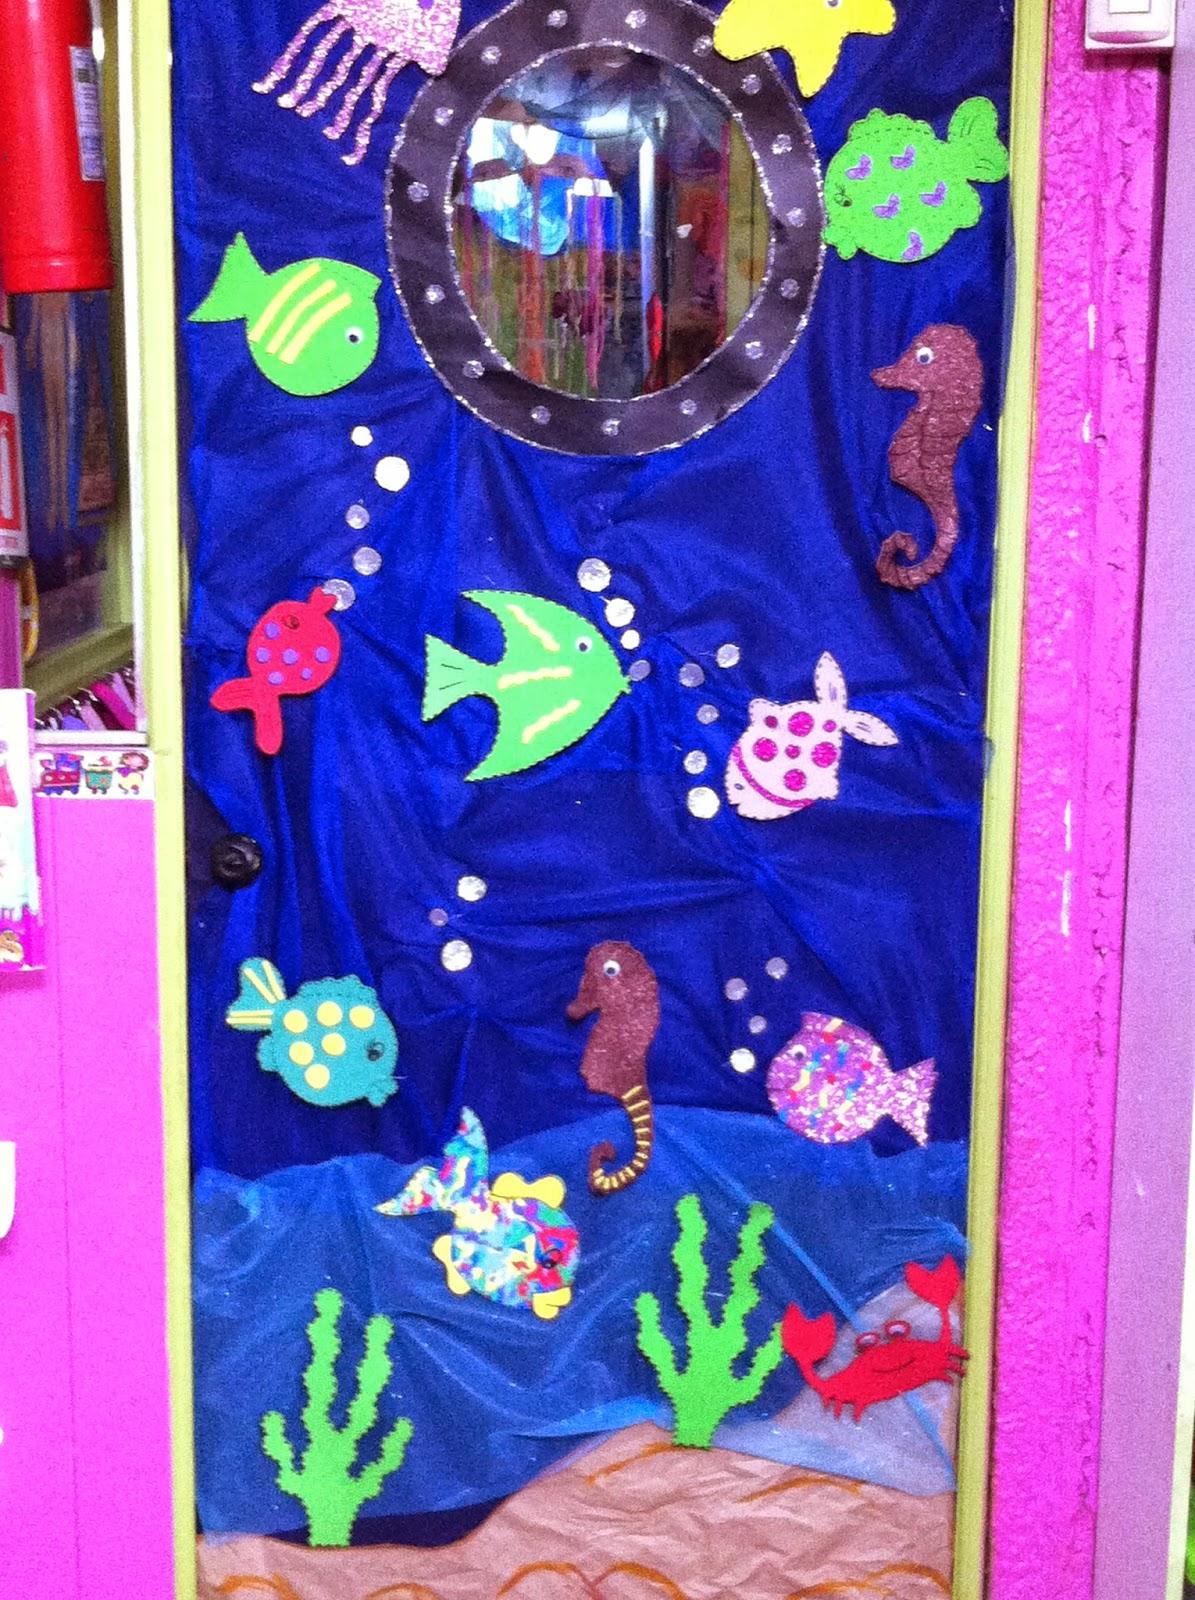 Jard n infantil un mundo de amor muestra de decoraci n for Decoracion para jardin de ninos